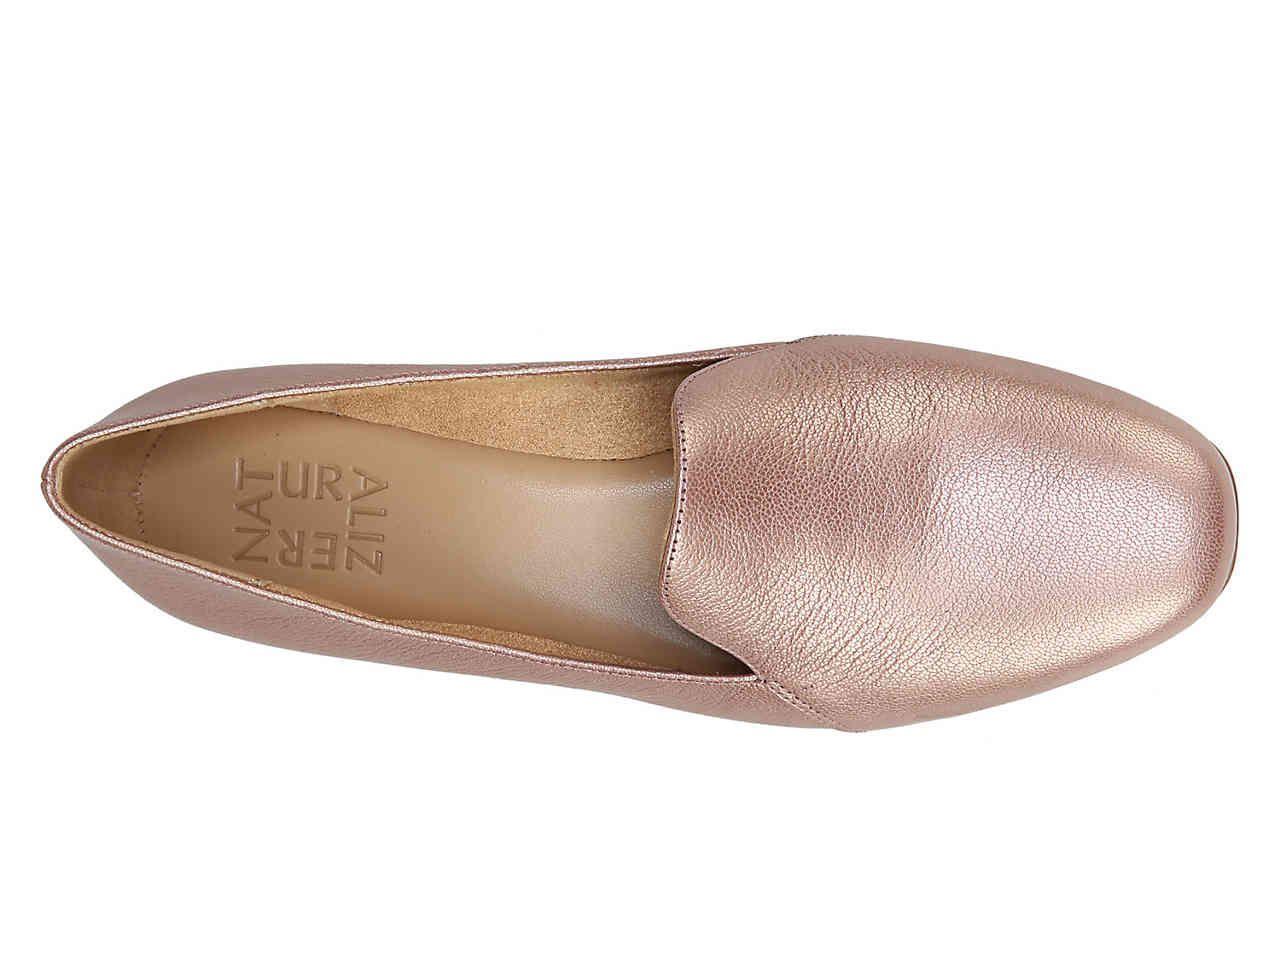 5dea94c9a0 Naturalizer Emiline Loafer Women s Shoes